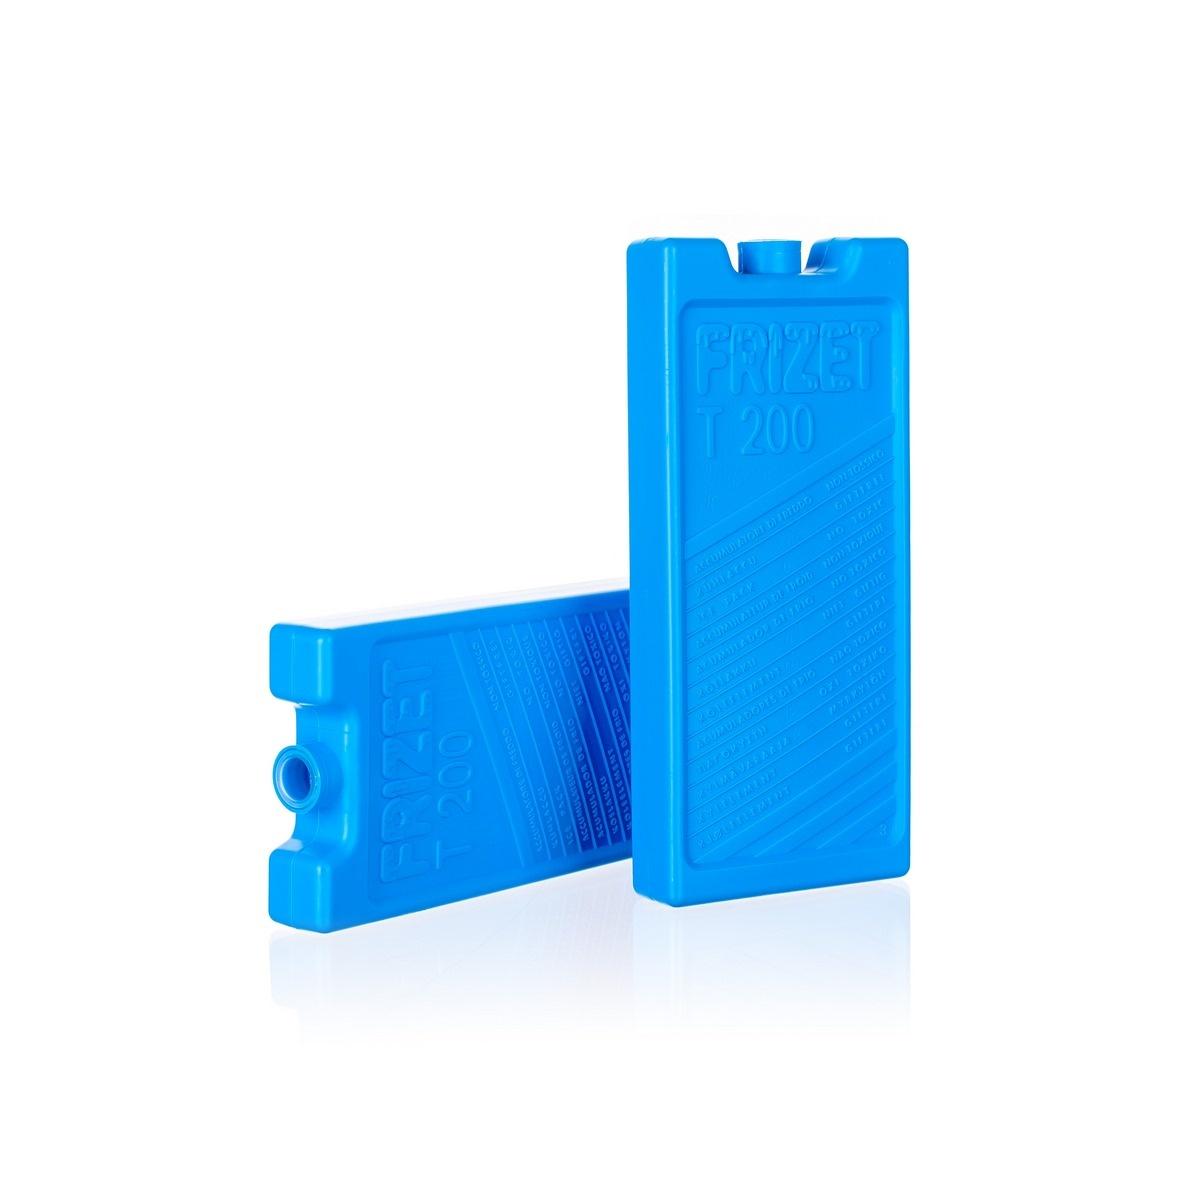 Vetro-Plus Vložky chladící 2x200g 2ks